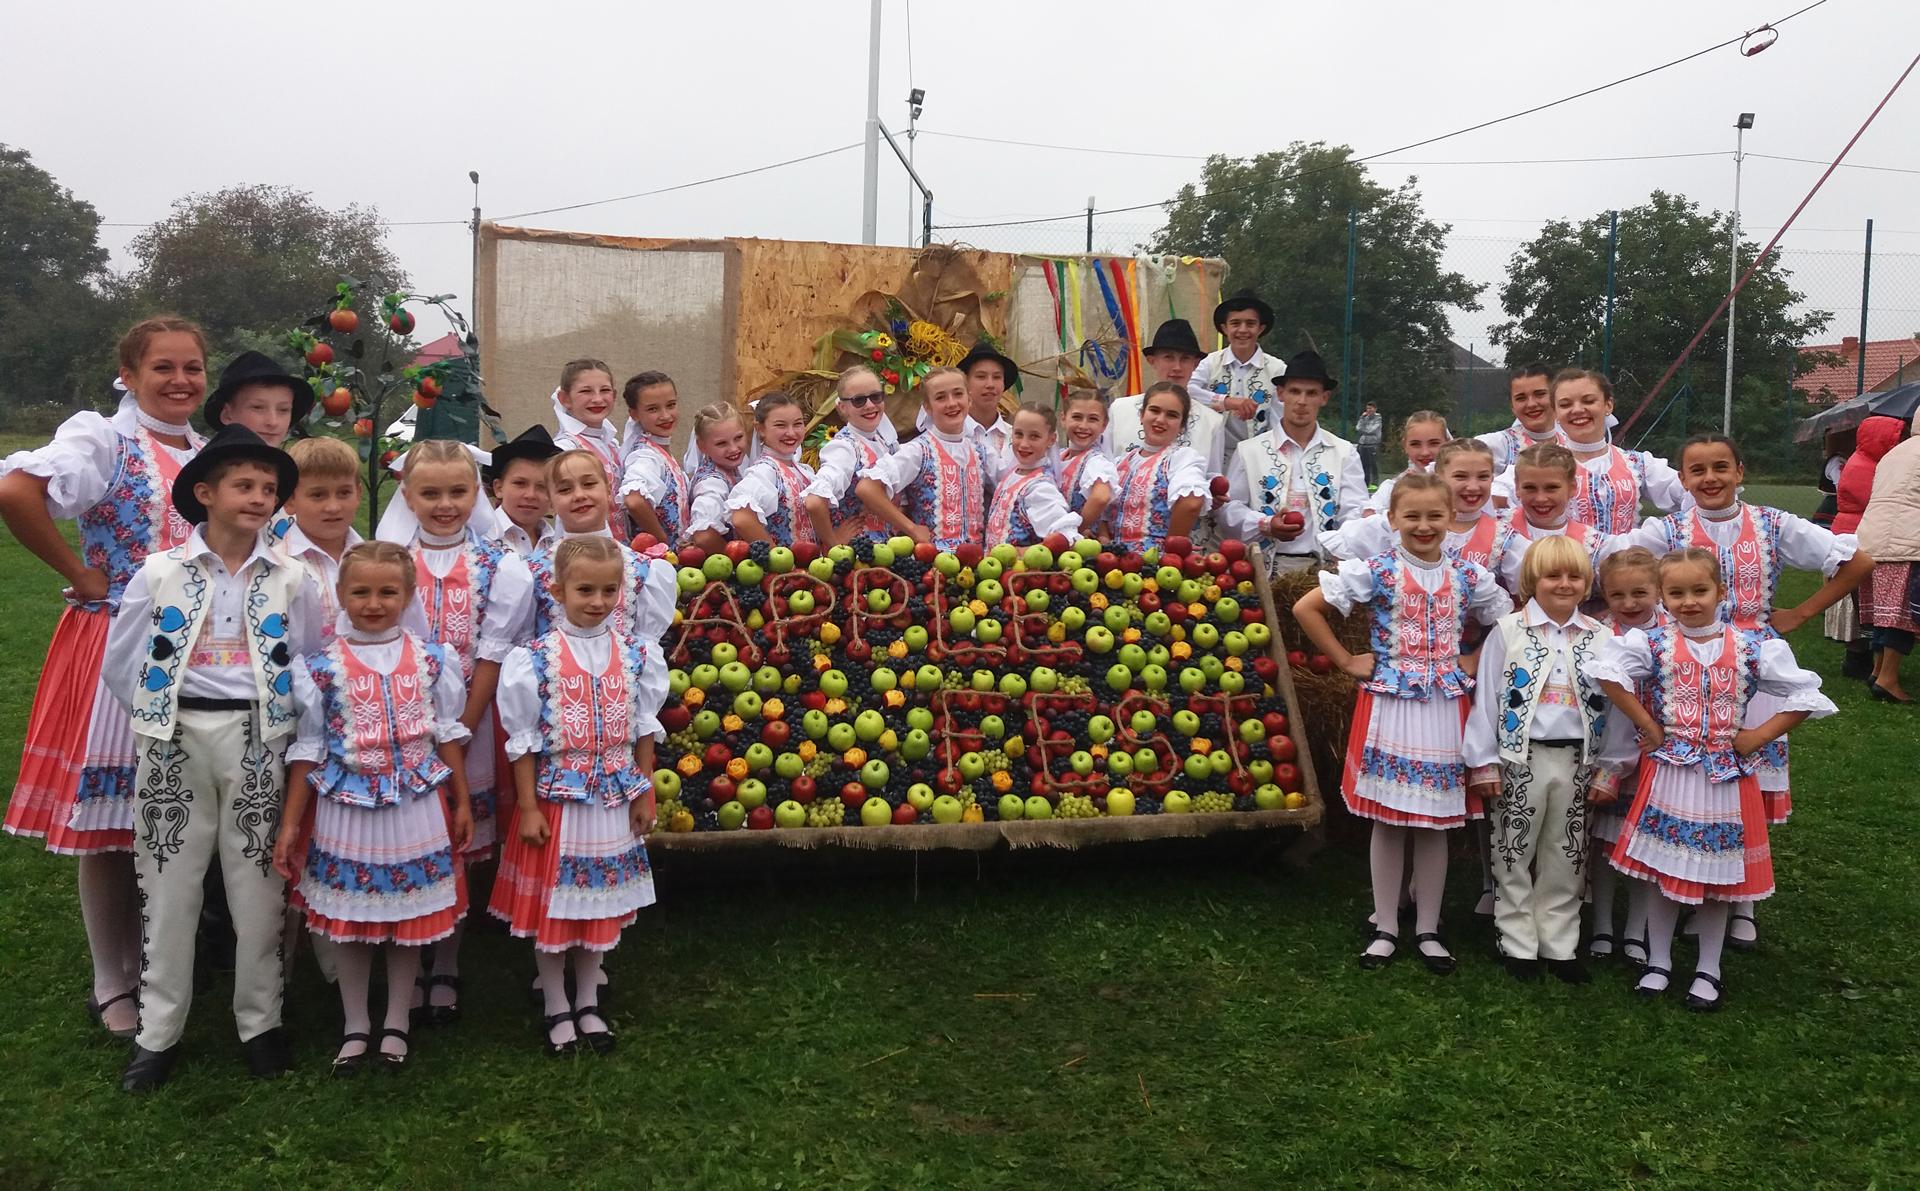 Словаки Закарпаття: як відроджують свою автентичність, культурне життя словаків Закарпаття та як плекають народні традиції